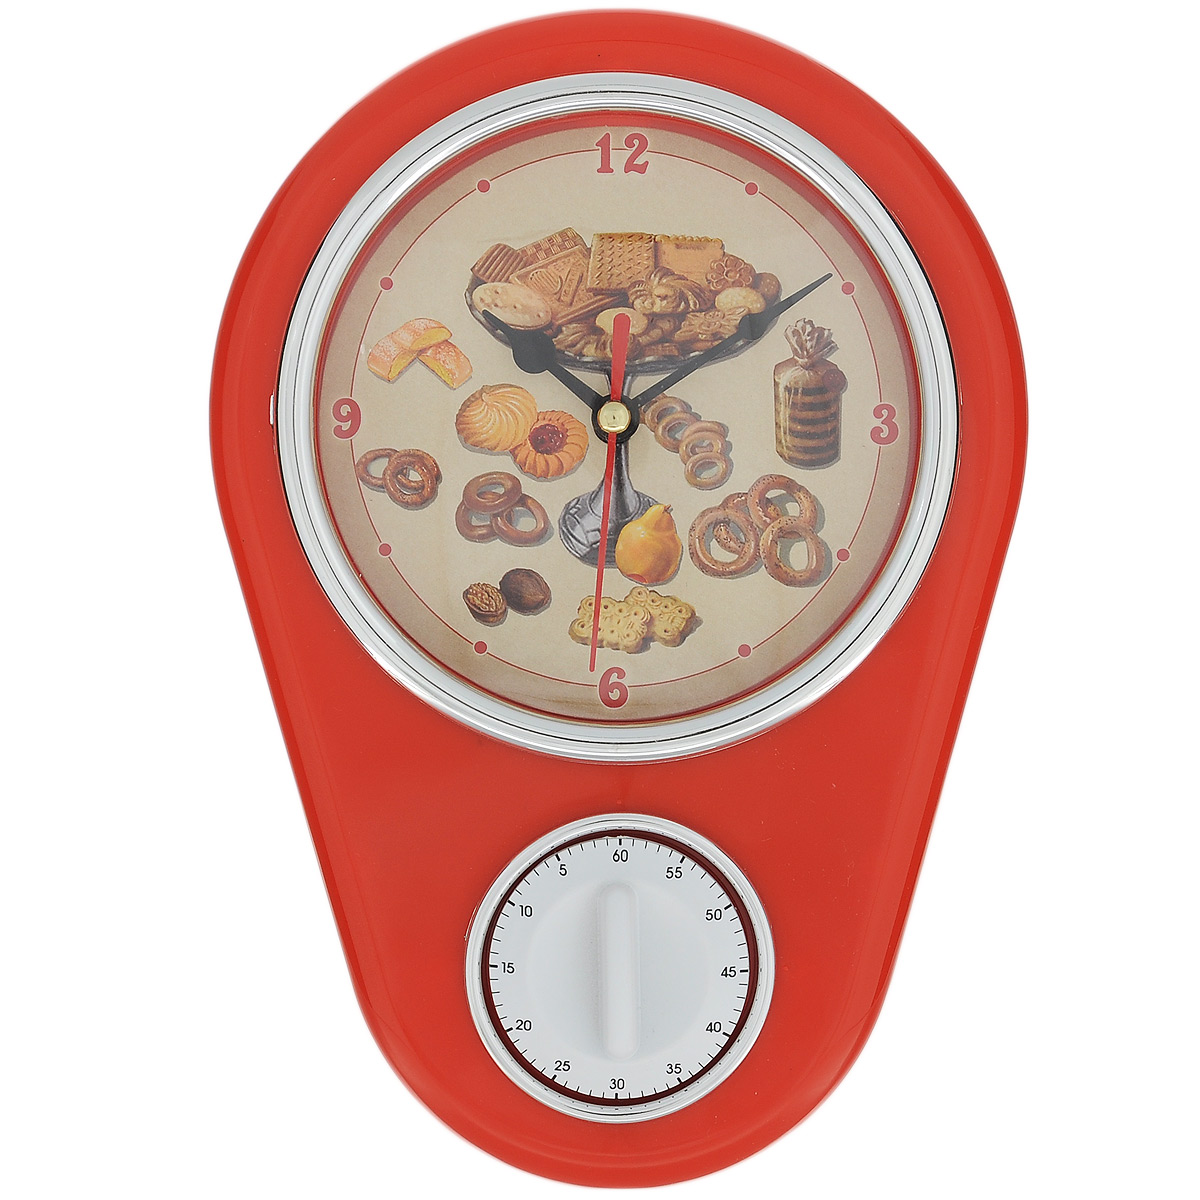 Часы кухонные Печенье с таймером, настенные, цвет: красный37385Кухонные настенные часы Печенье в ретро стиле прекрасно дополнят интерьер кухни. Корпус выполнен из высококачественного пластика. Все механизмы скрыты в корпусе. Циферблат круглой формы, оформленный крупными арабскими цифрами и изображением печенья, защищен стеклом. Имеется встроенный таймер на 60 минут, его удобно использовать во время приготовления блюд. Часы подвешиваются на стену.Часы работают от одной пальчиковой батарейки тип АА (не входит в комплект). Диаметр циферблата: 11,3 см.Размер часов: 16 см х 5 см х 22,5 см.